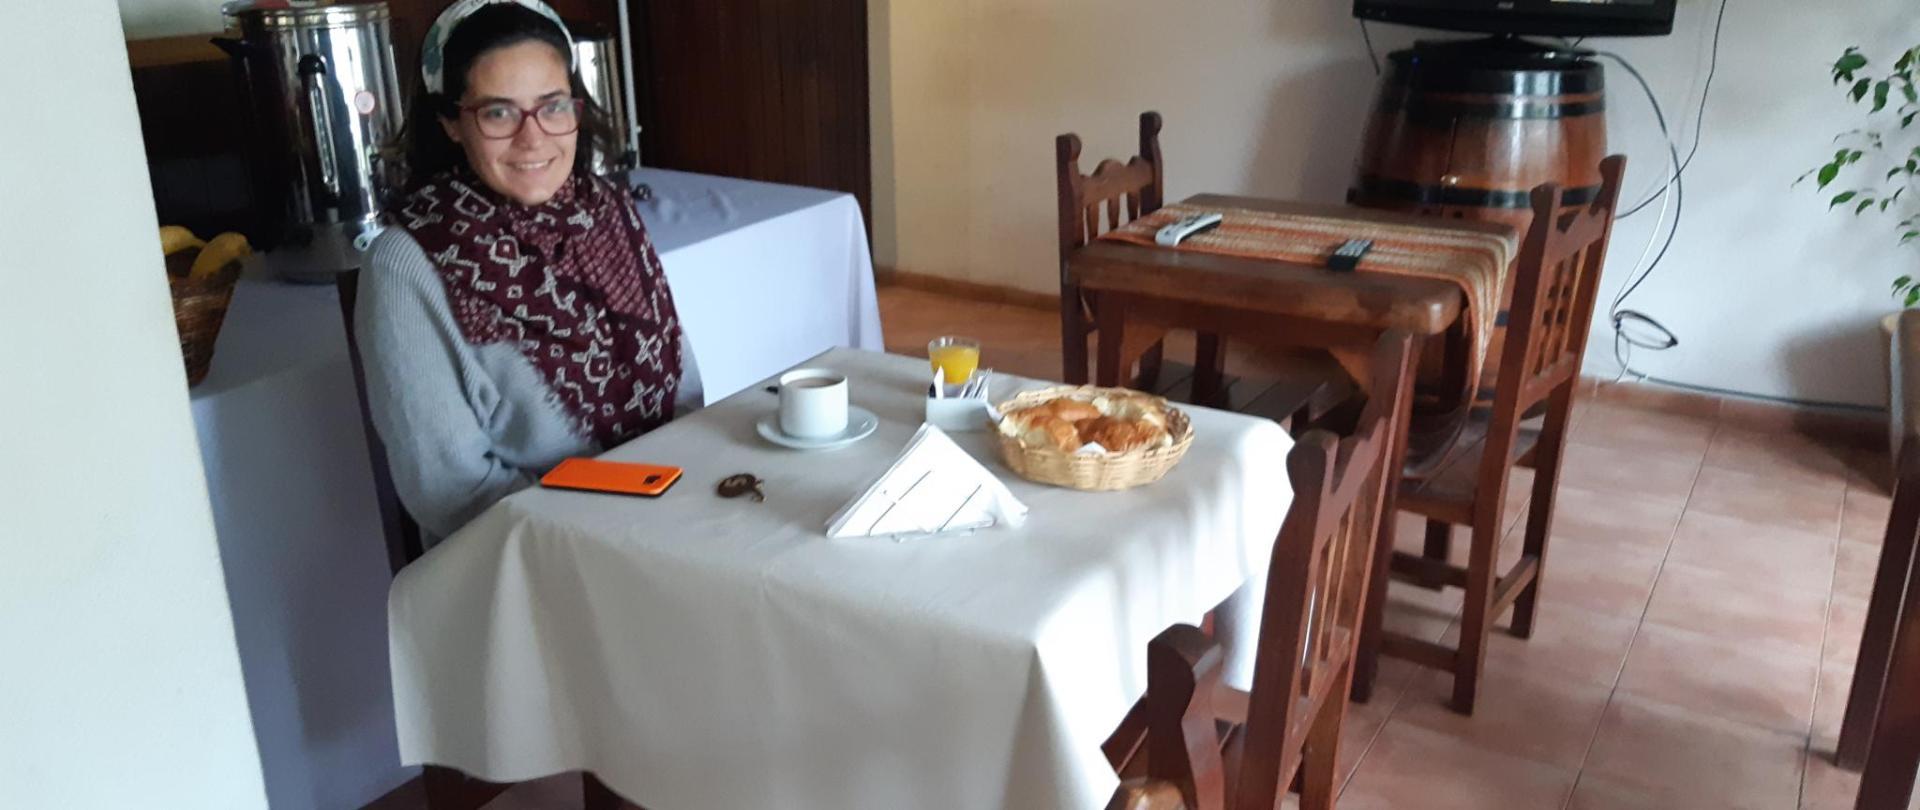 Hotel El Nevado, Malargüe Mendoza